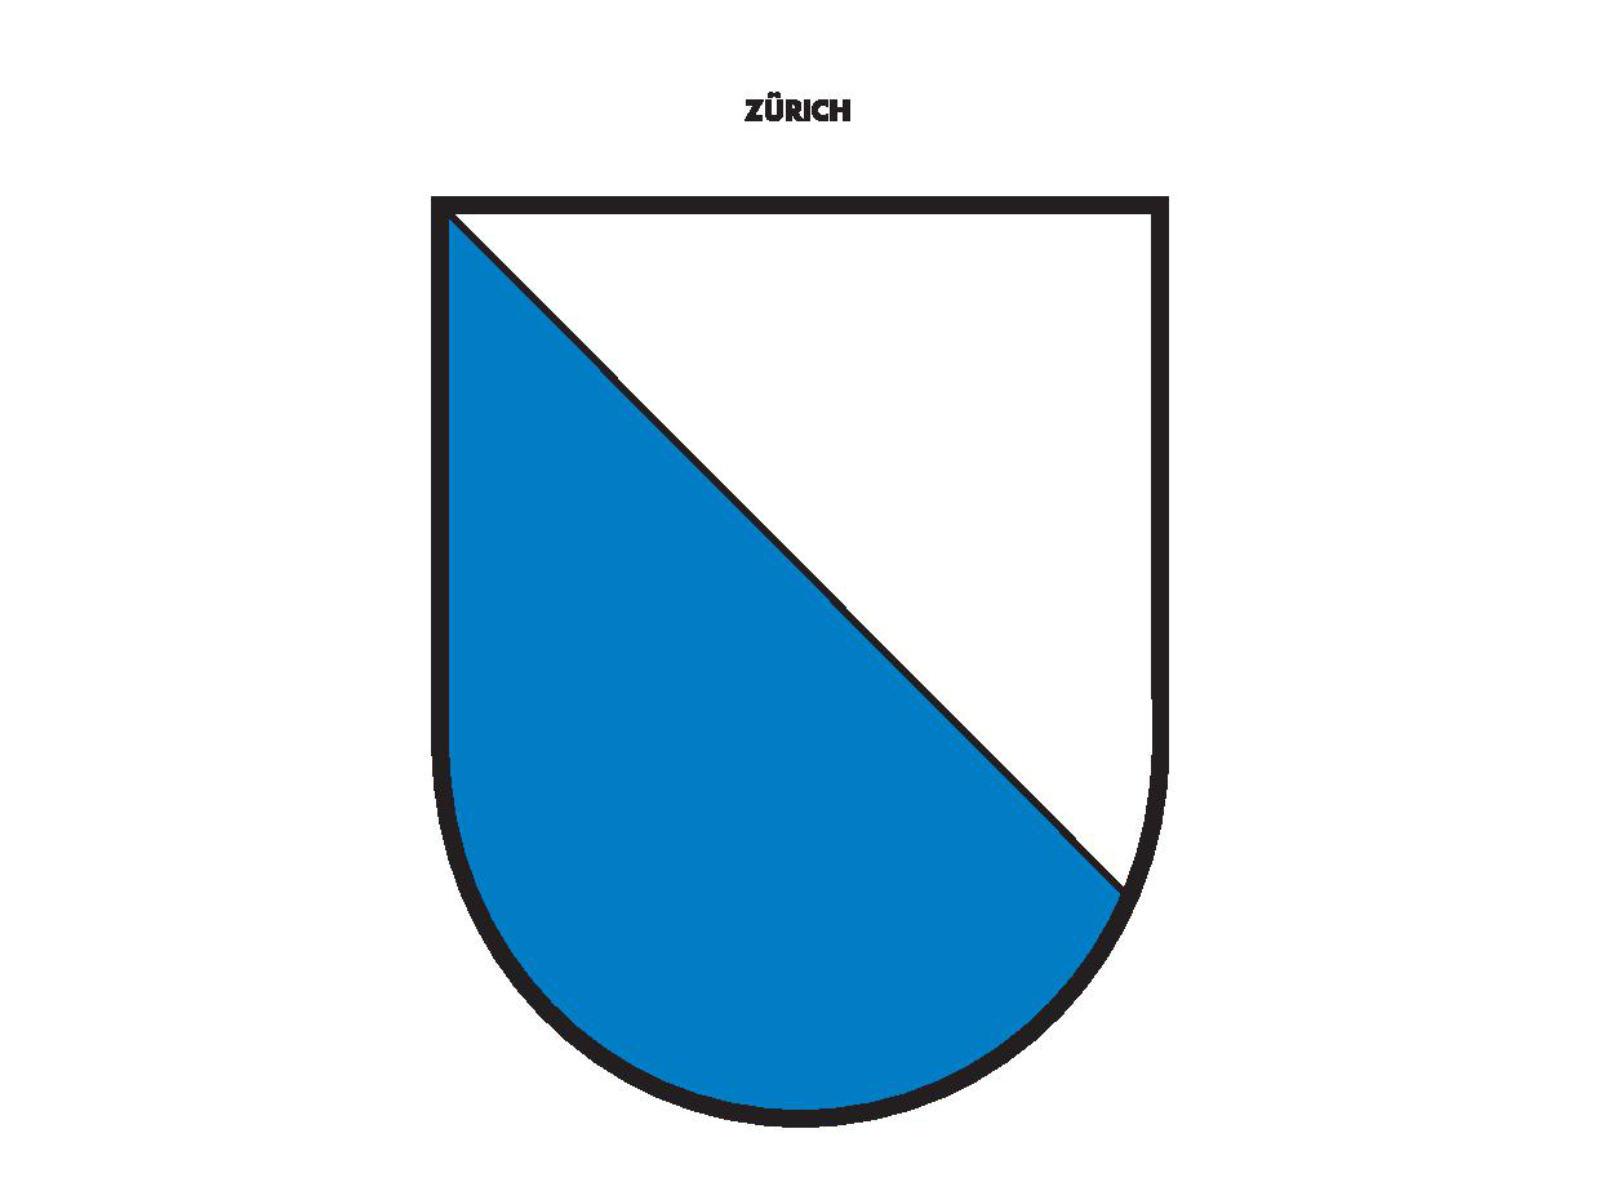 Schweizer Kantone – Zürich